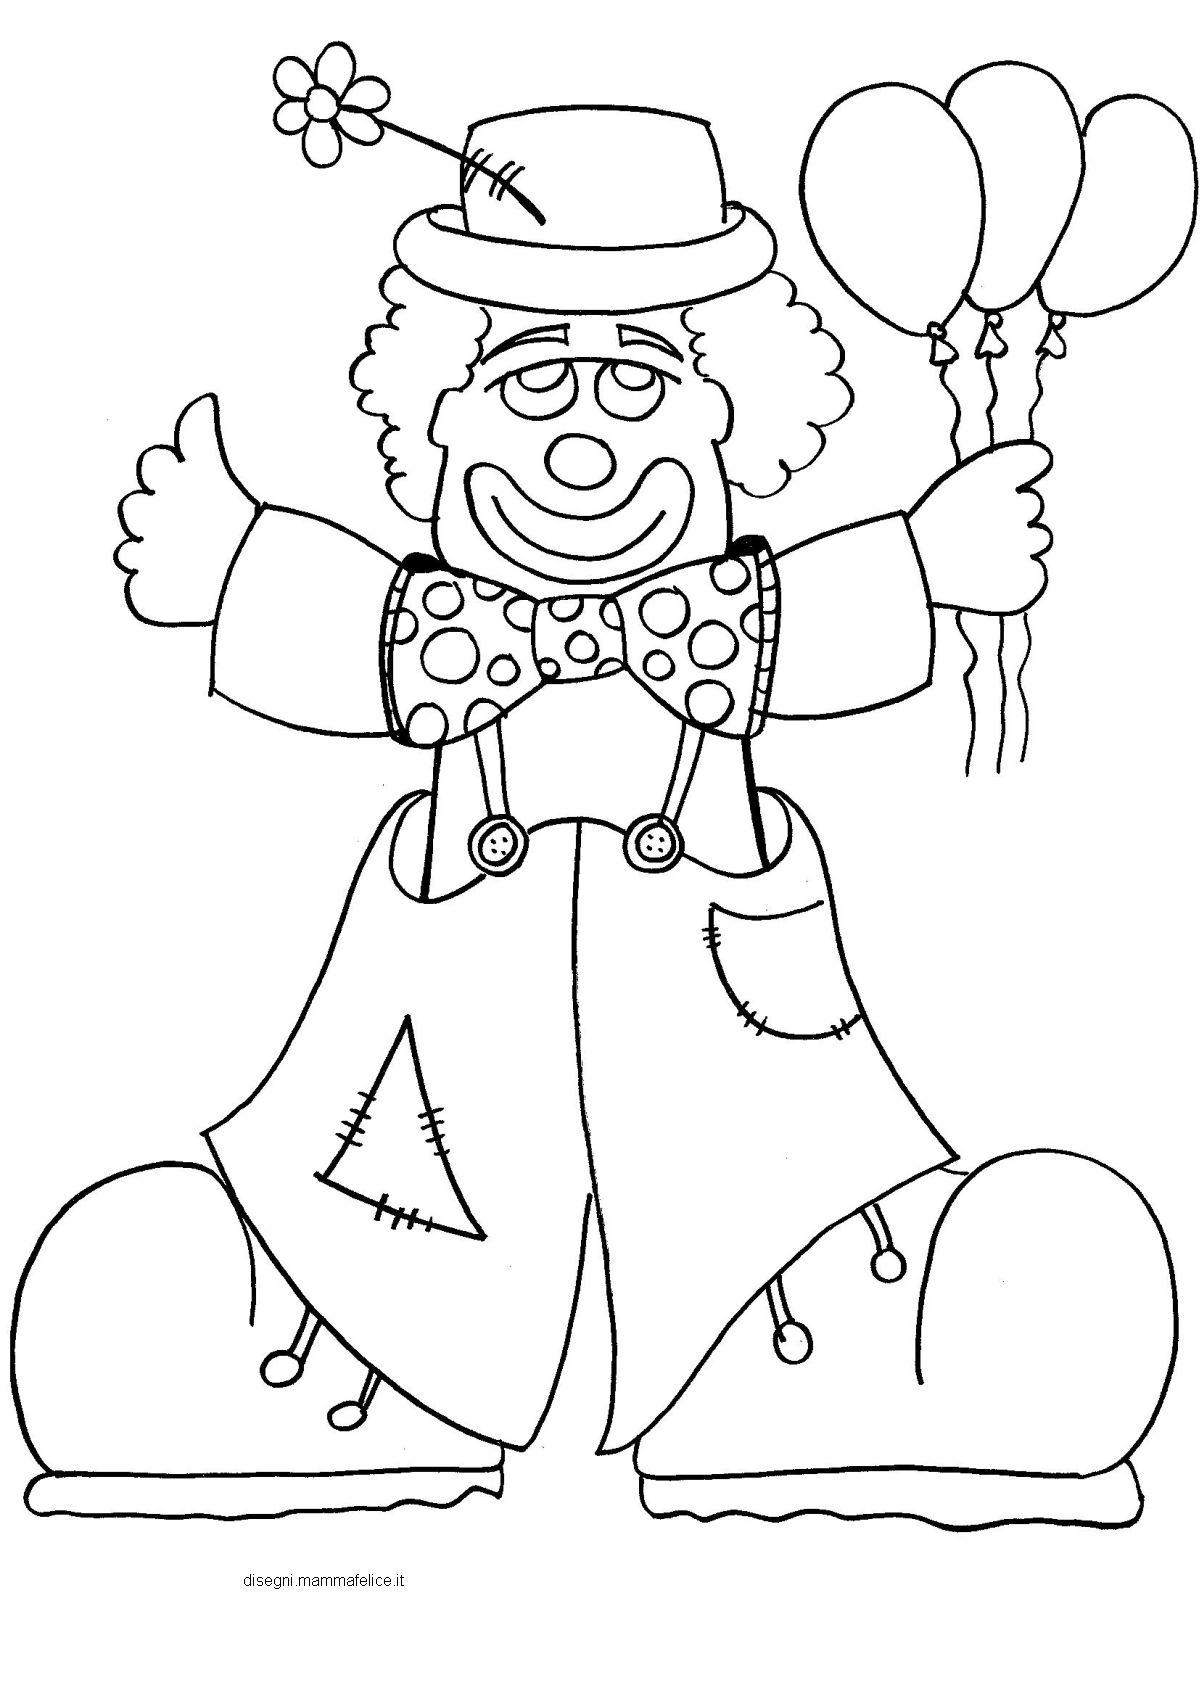 Disegno da colorare sul carnevale il pagliaccio disegni for Pagliaccio da disegnare